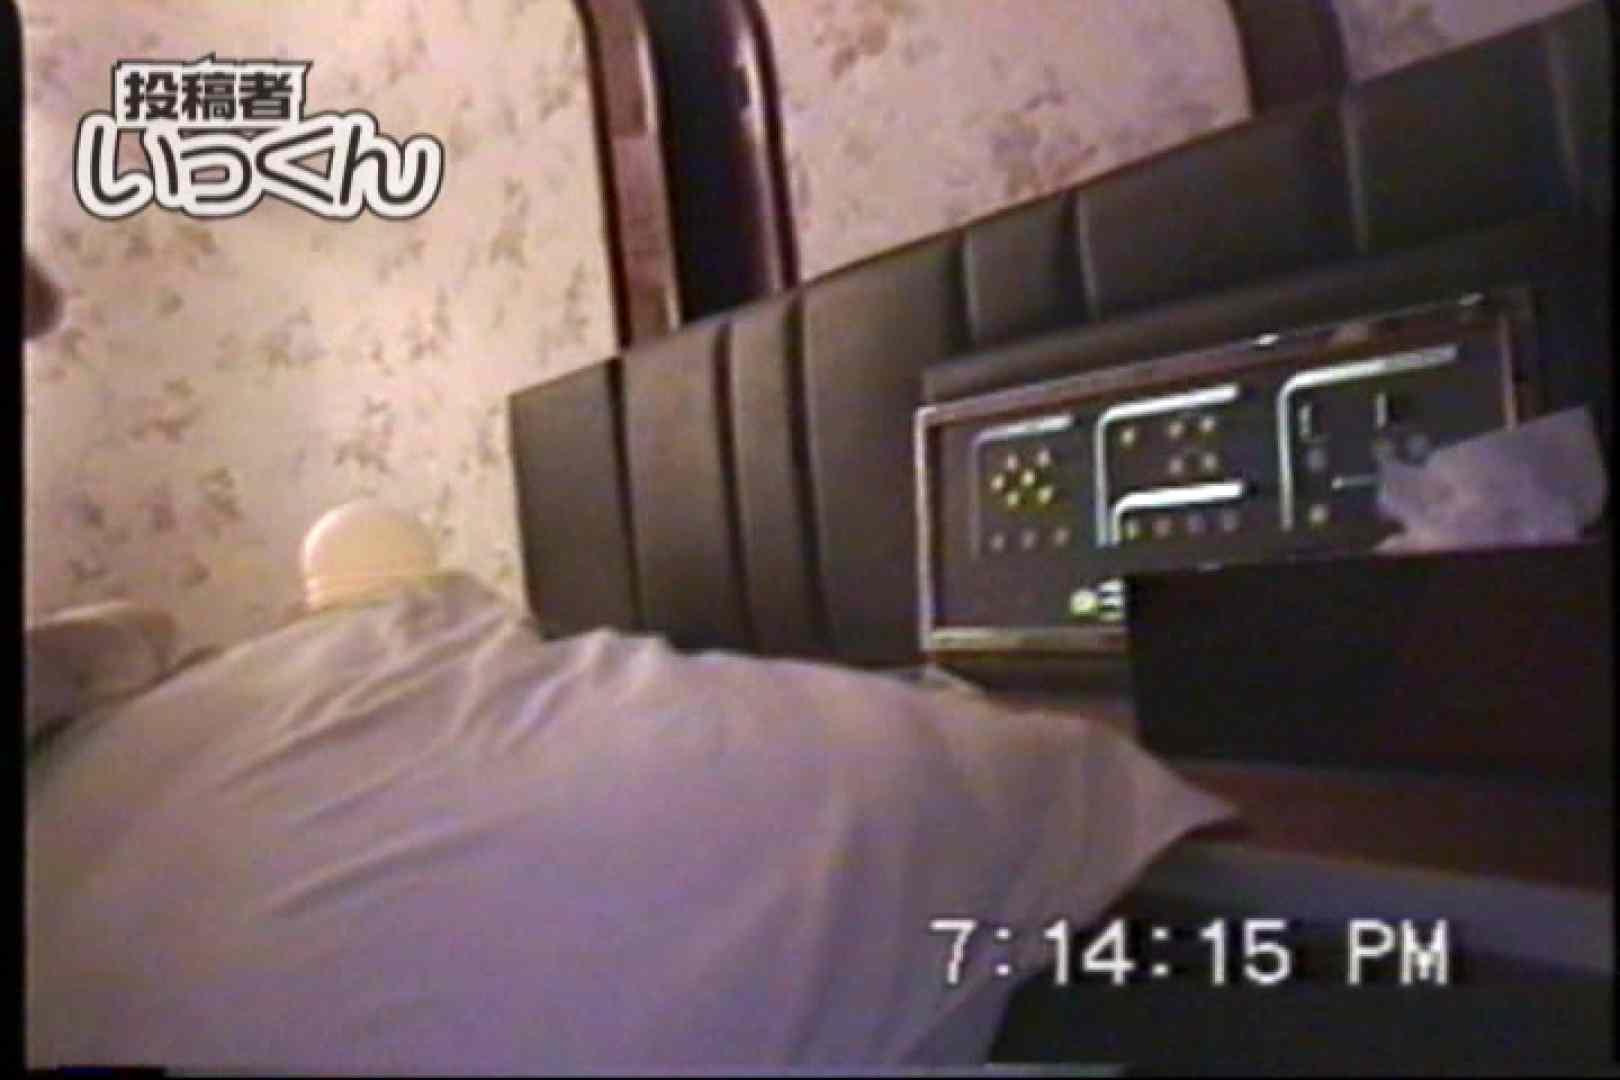 調教師いっくんの 初めてのハメ撮り作品 フェチ | 流出作品  84pic 77